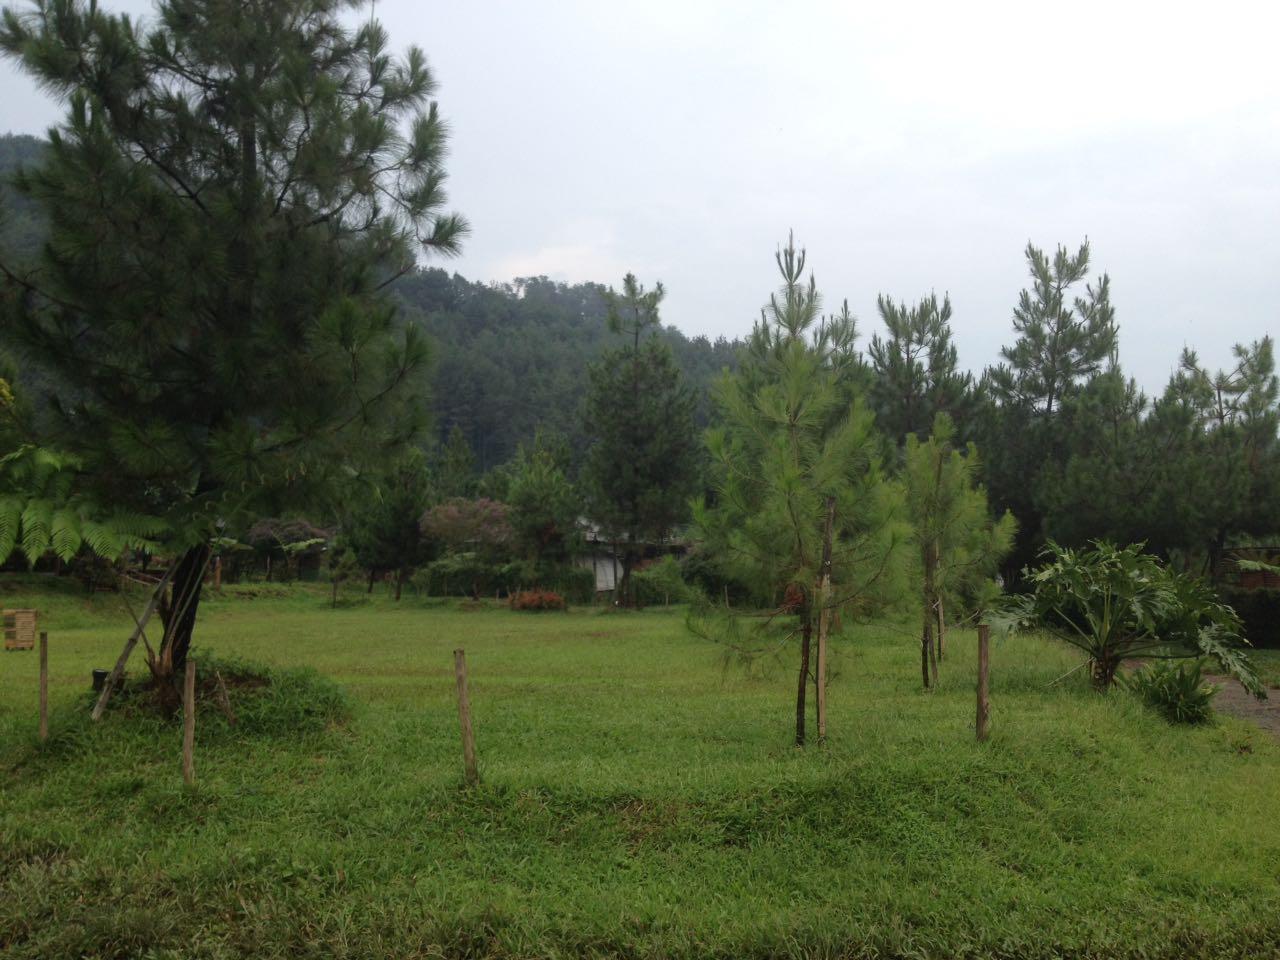 outbound sari ater camping park mindset